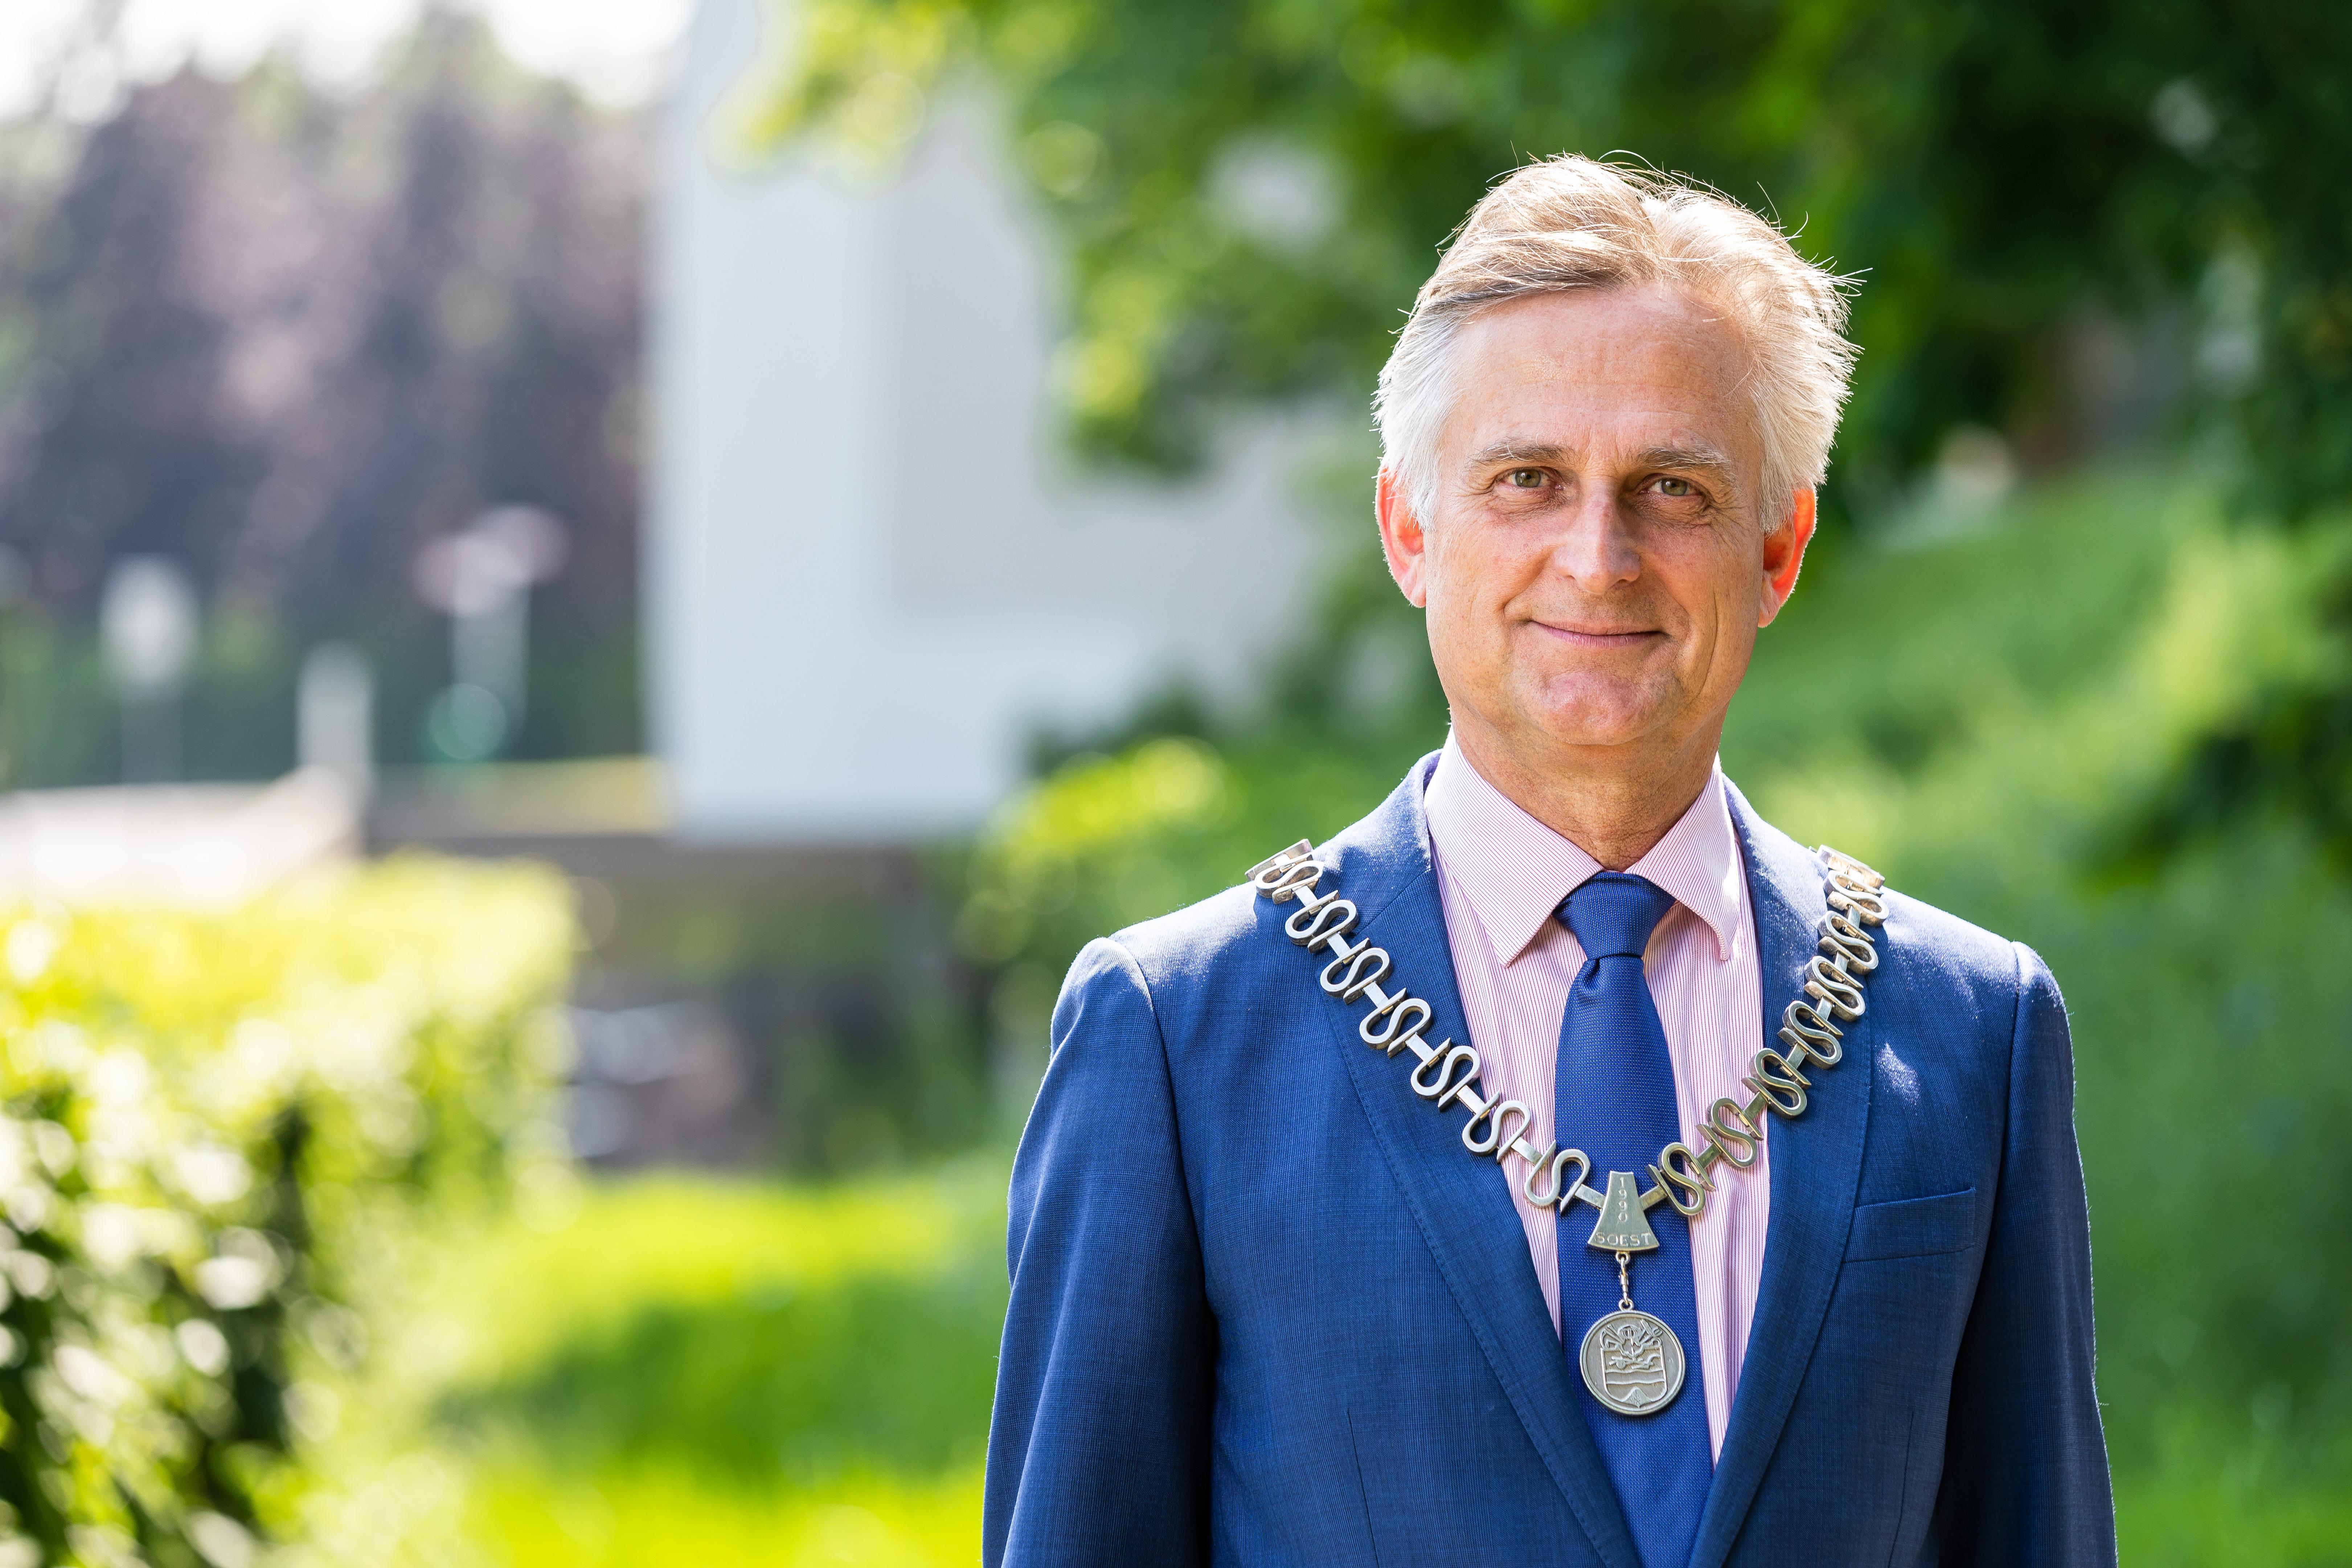 Burgemeester Rob Metz meldt eerste Soester coronadode van de tweede golf; 'Beperk alsjeblieft je sociale contacten, het is de enige manier om de curve weer naar beneden te krijgen'